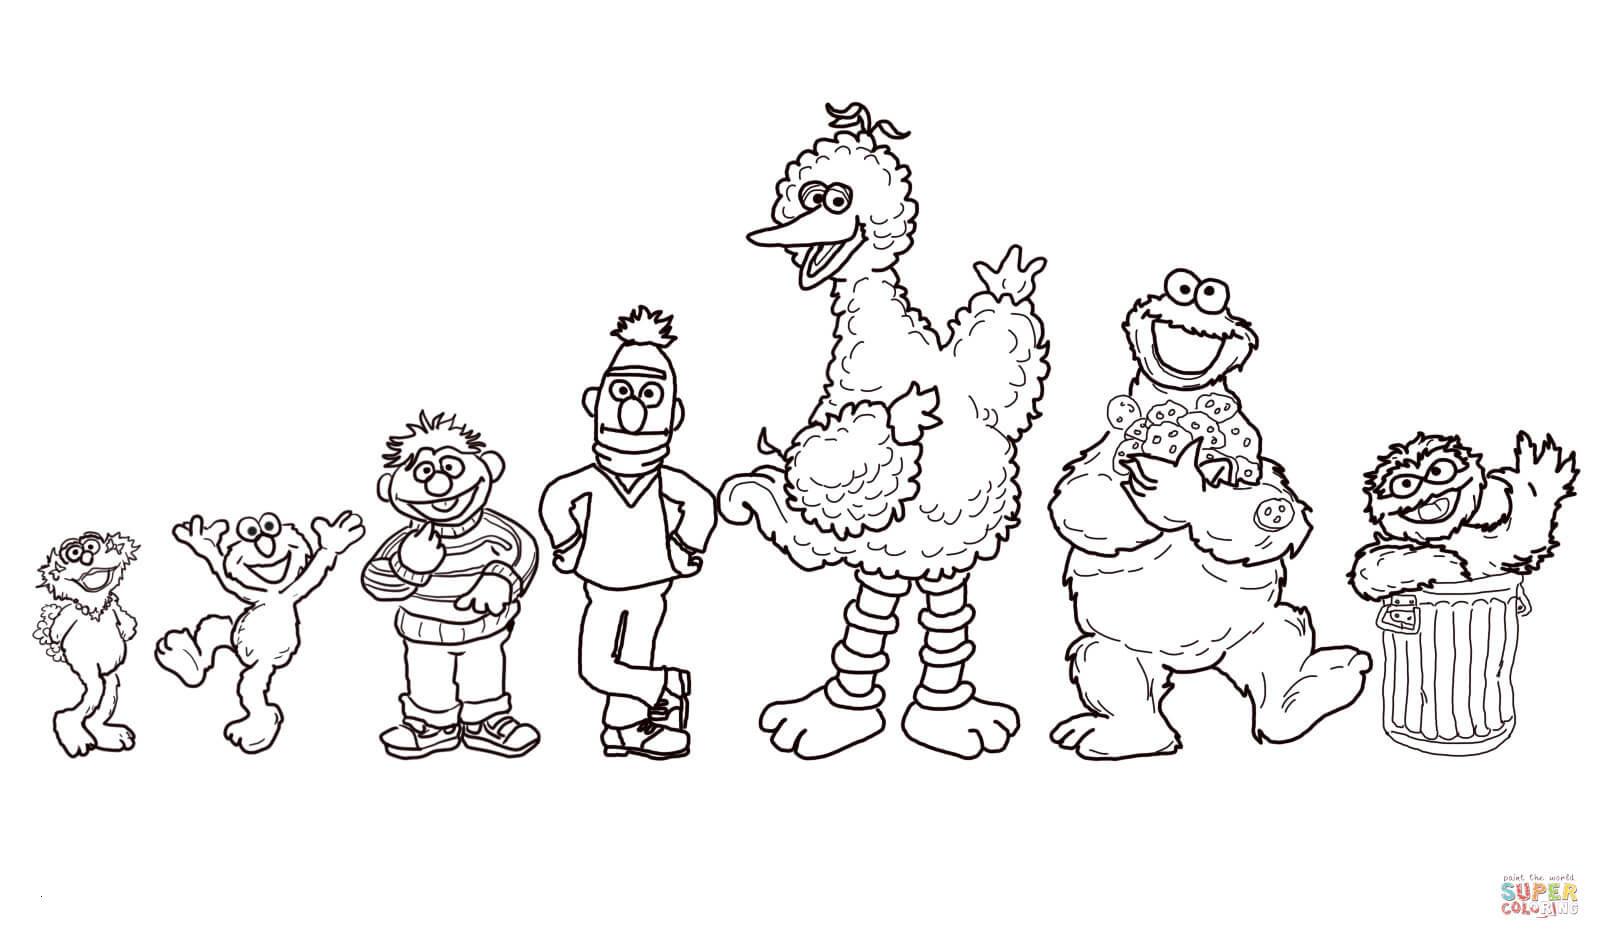 Ausmalbilder Winnie Pooh Und Seine Freunde Malvorlagen Frisch Aktuelle Angebote Genial Disney Ausmalbilder Eiskönigin Neu Winnie Stock